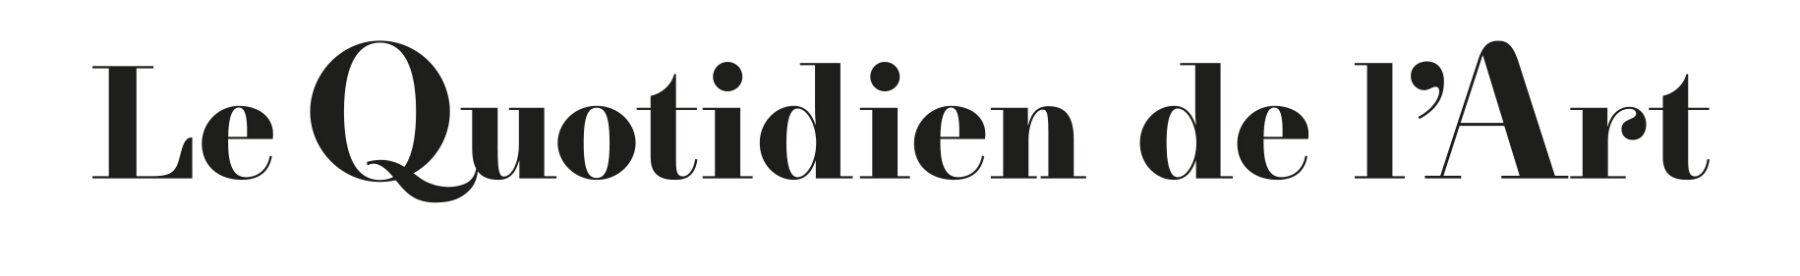 Logo Le Quotidien de l'art